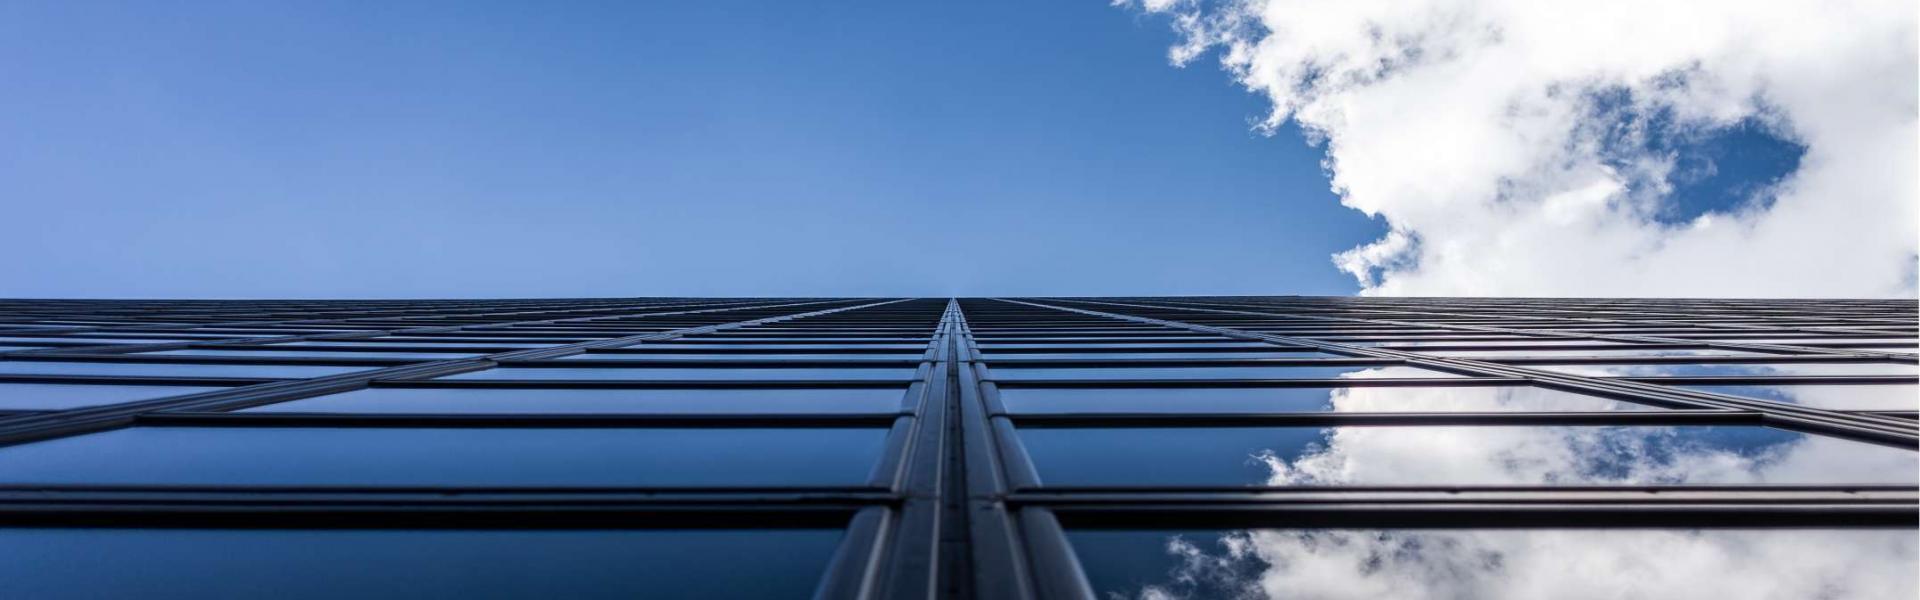 cloud-building